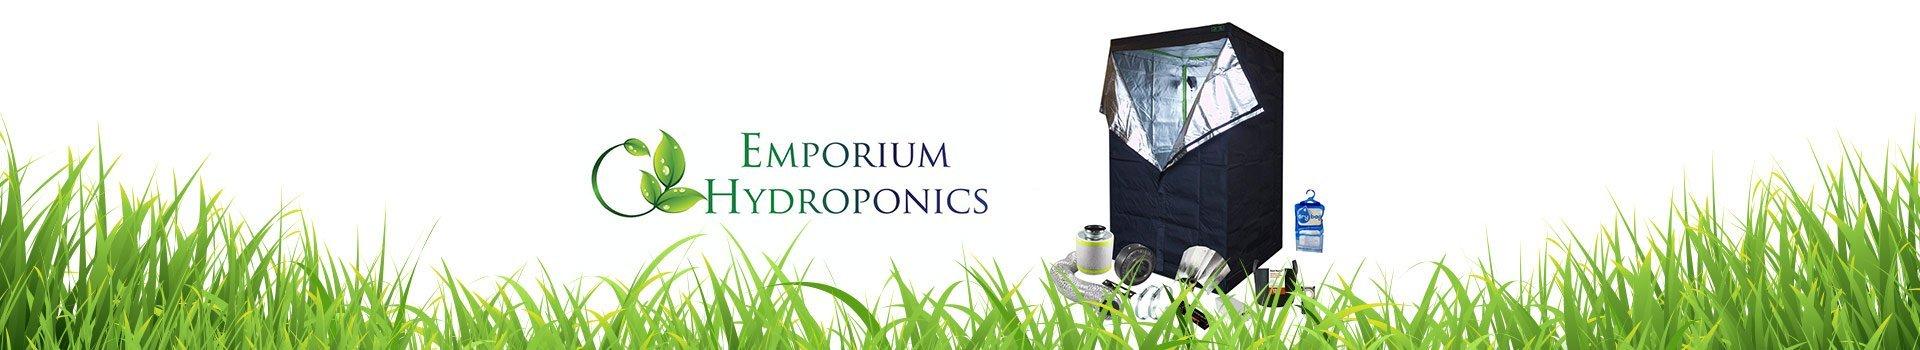 emporium hydroponics tent